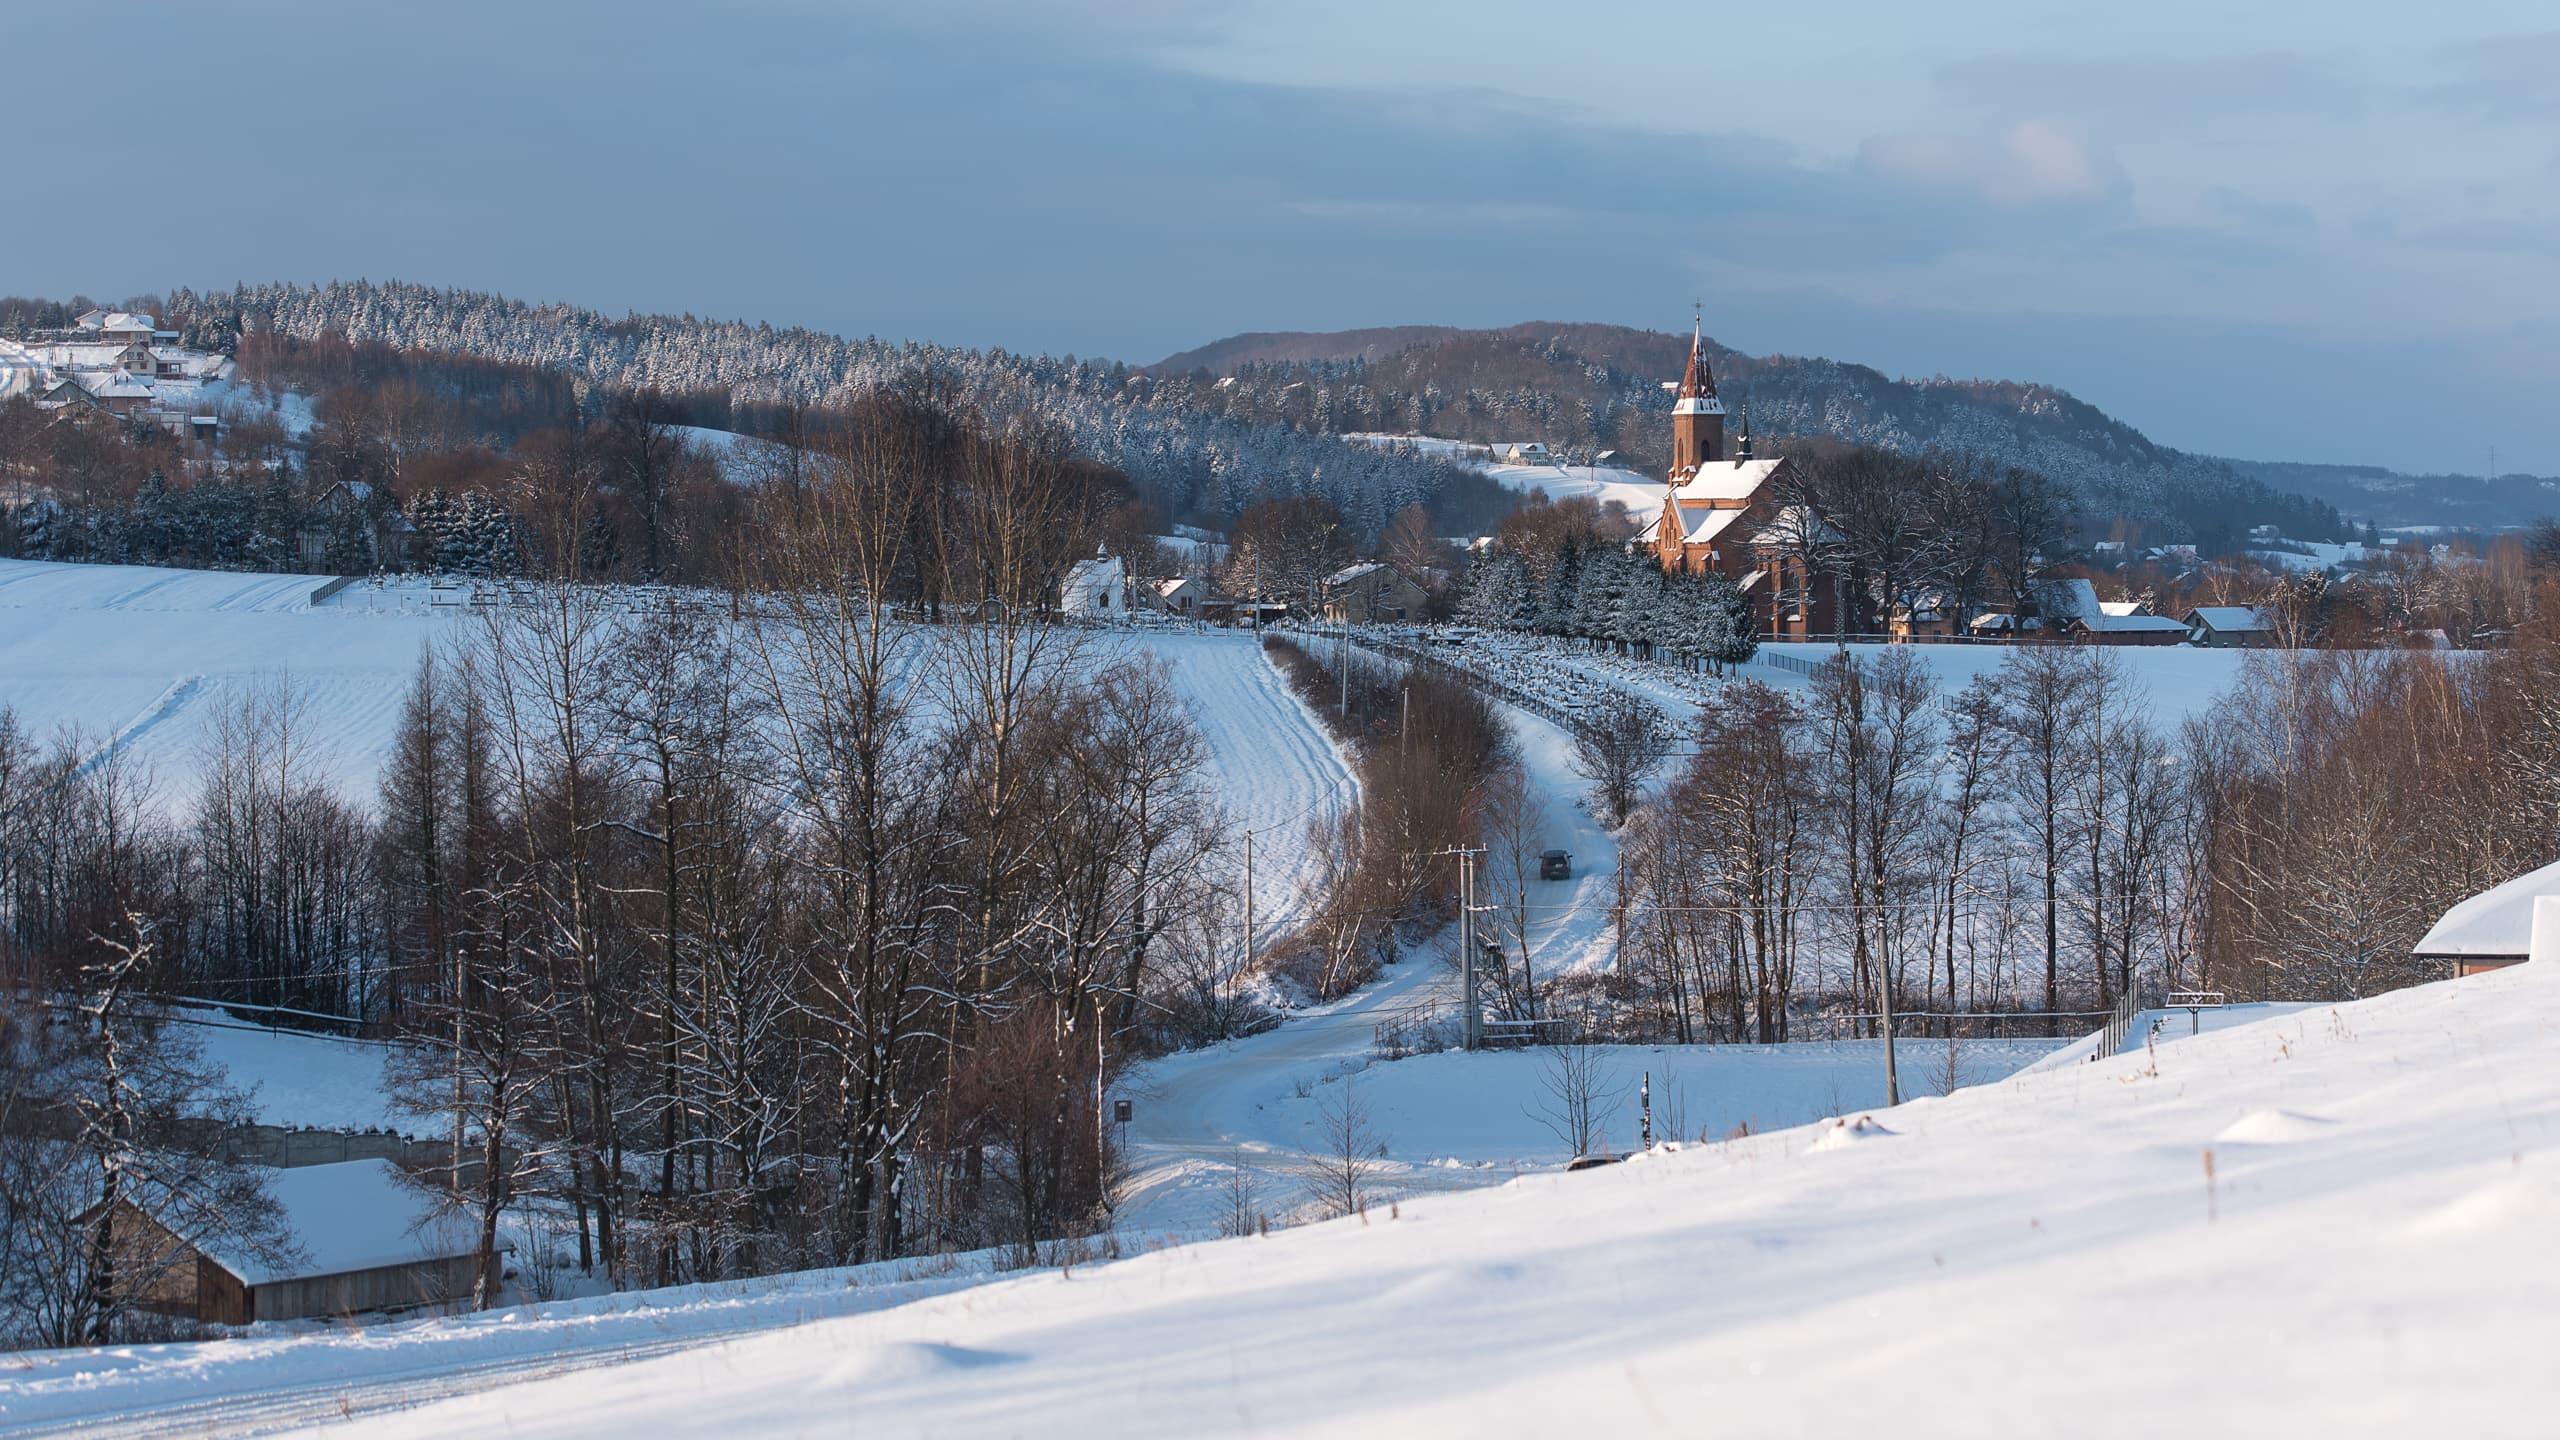 Przeczyca, zimowy krajobraz